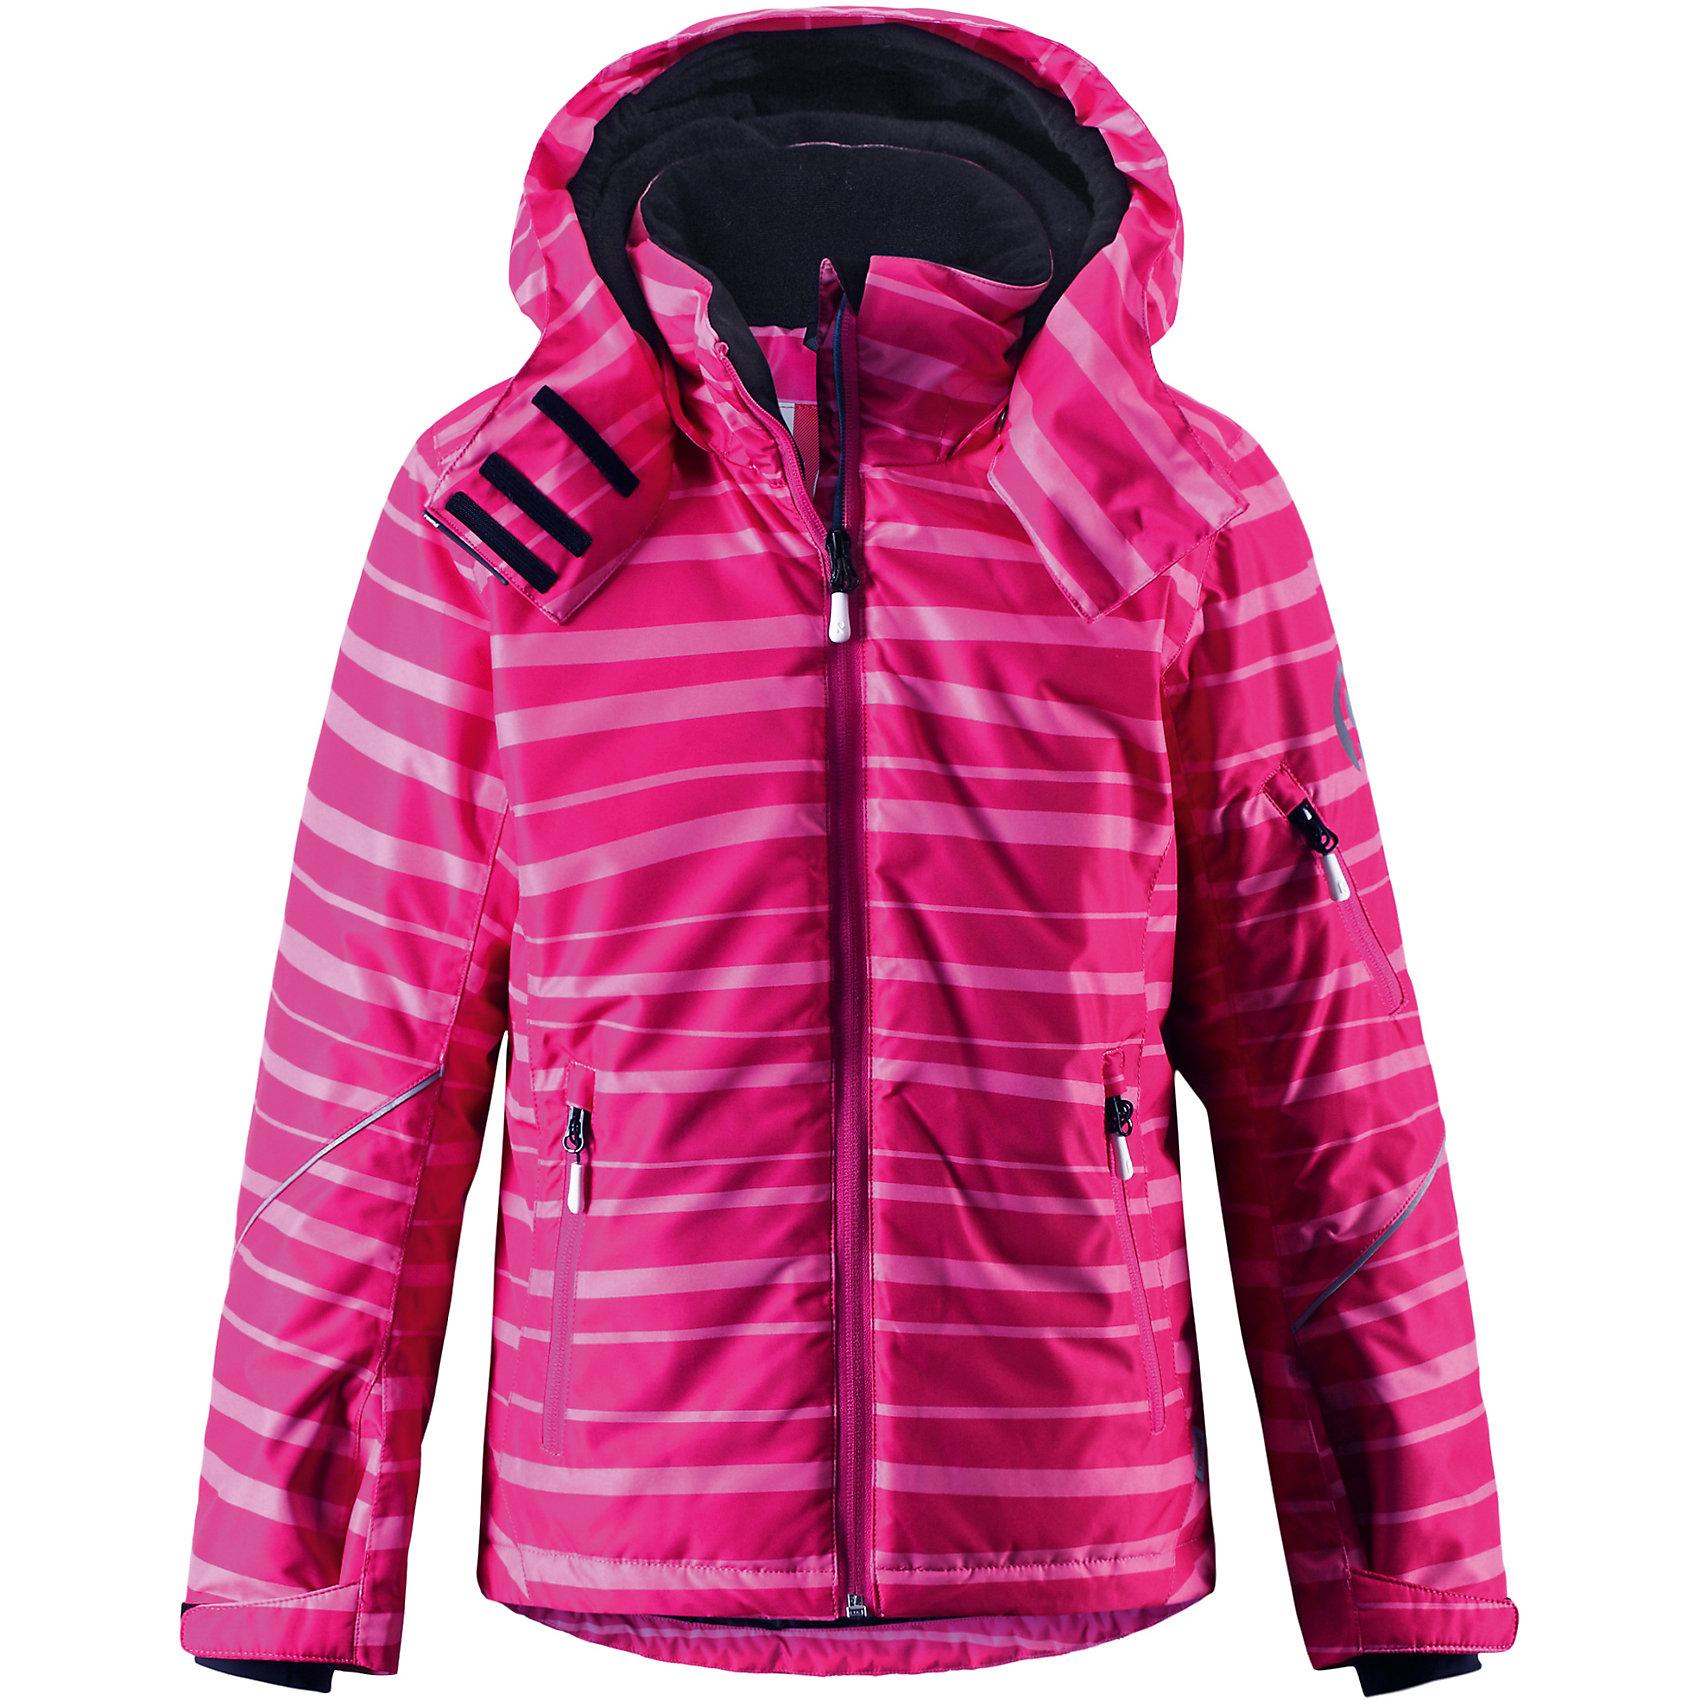 Куртка Glow ReimaЗимняя куртка для подростков. Основные швы проклеены и не пропускают влагу. Водо- и ветронепроницаемый, «дышащий» и грязеотталкивающий материал. Крой для девочек. Гладкая подкладка из полиэстра.Безопасный, отстегивающийся и регулируемый капюшон. Регулируемые манжеты и внутренние манжеты из лайкры. Регулируемый подол, снегозащитный манжет на талии .Новая усовершенствованная молния — больше не застревает! Карманы на молнии, карман для skipass на рукаве. Карман для очков и внутренний нагрудный карман. Принт по всей поверхности .<br>Состав:<br>100% ПЭ, ПУ-покрытие<br><br>Ширина мм: 356<br>Глубина мм: 10<br>Высота мм: 245<br>Вес г: 519<br>Цвет: розовый<br>Возраст от месяцев: 36<br>Возраст до месяцев: 48<br>Пол: Унисекс<br>Возраст: Детский<br>Размер: 104,134,128,140<br>SKU: 5309298